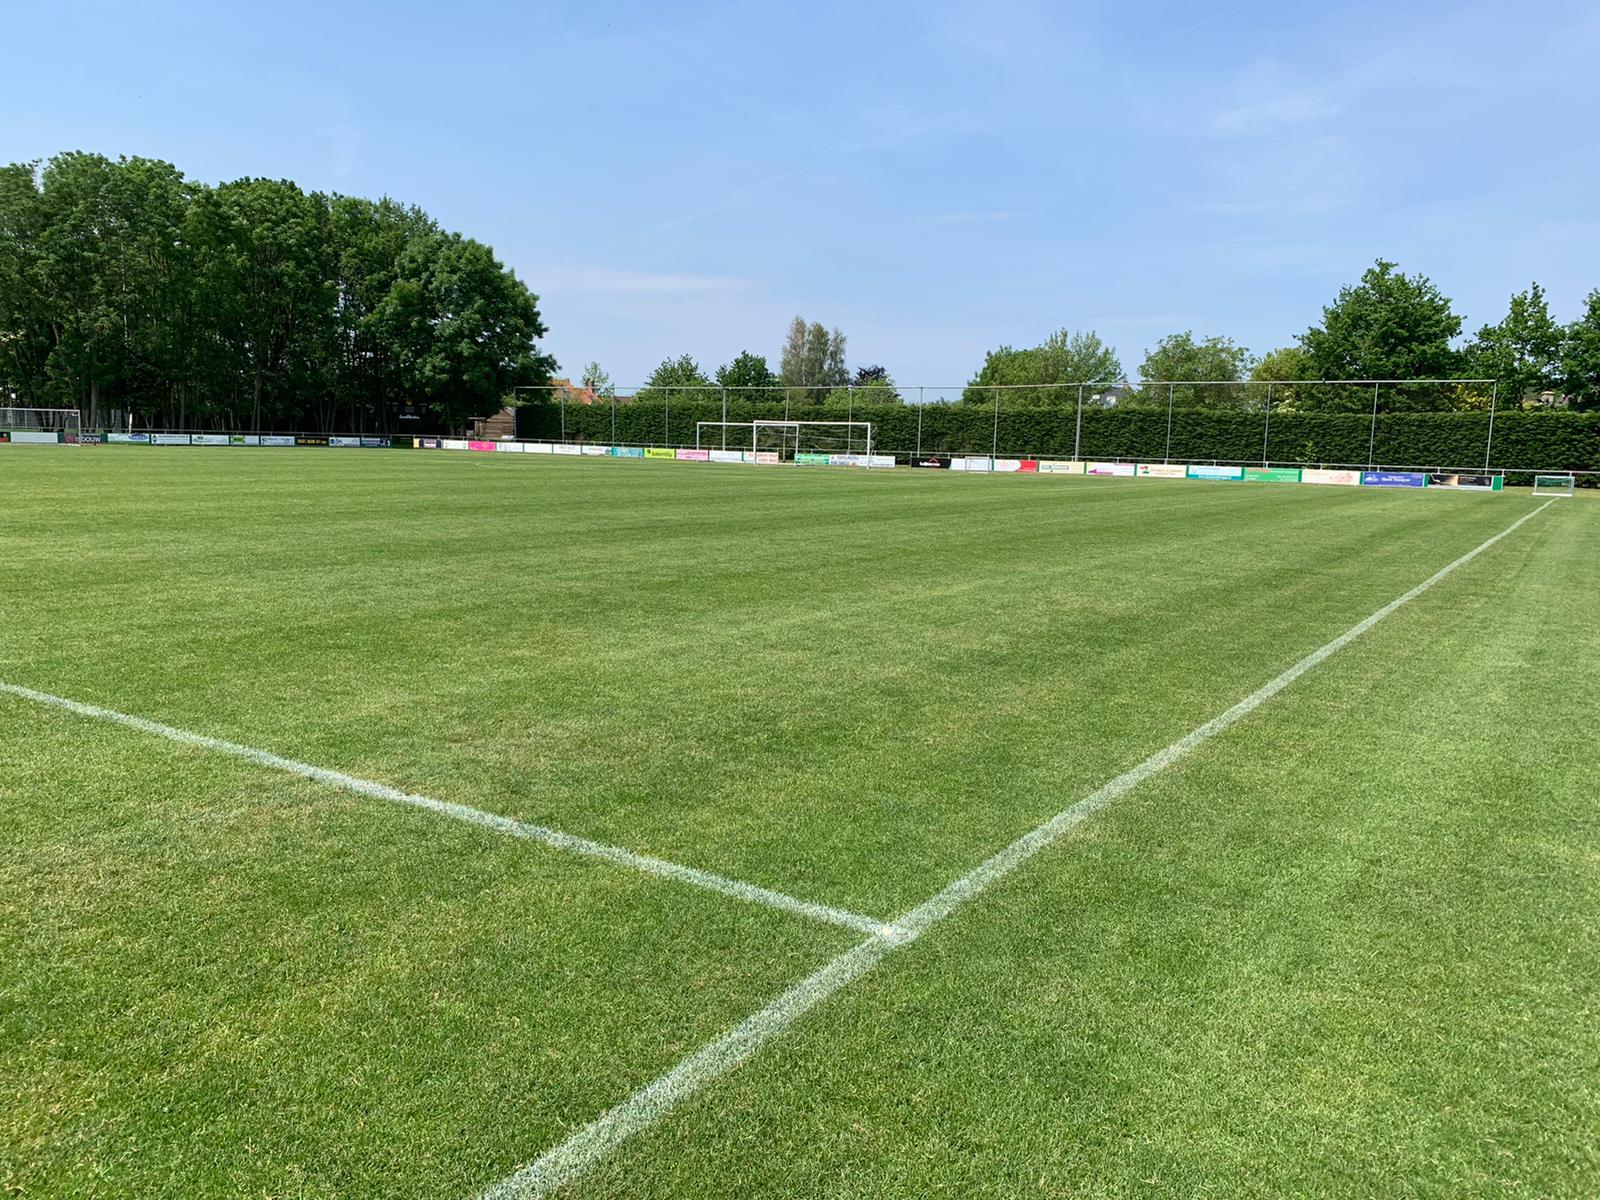 Het veld ligt klaar voor een nieuw seizoen